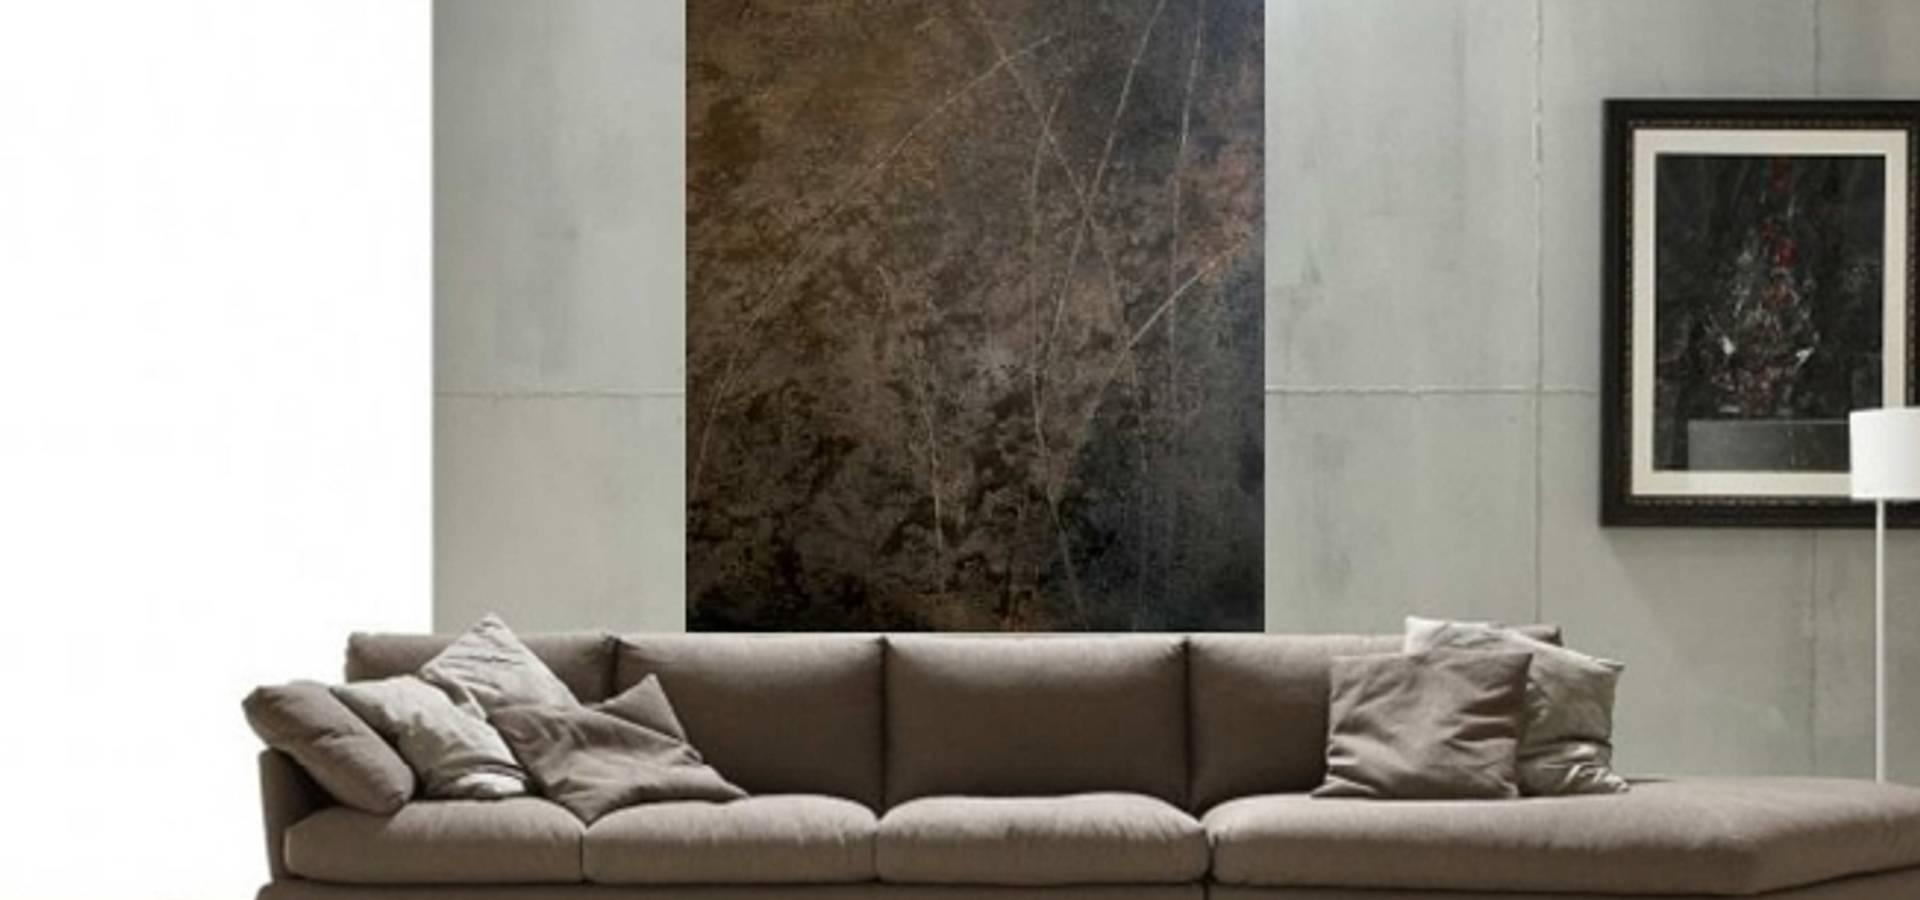 Studio ac decoratori d 39 interni a treviso homify - Decoratori d interni ...